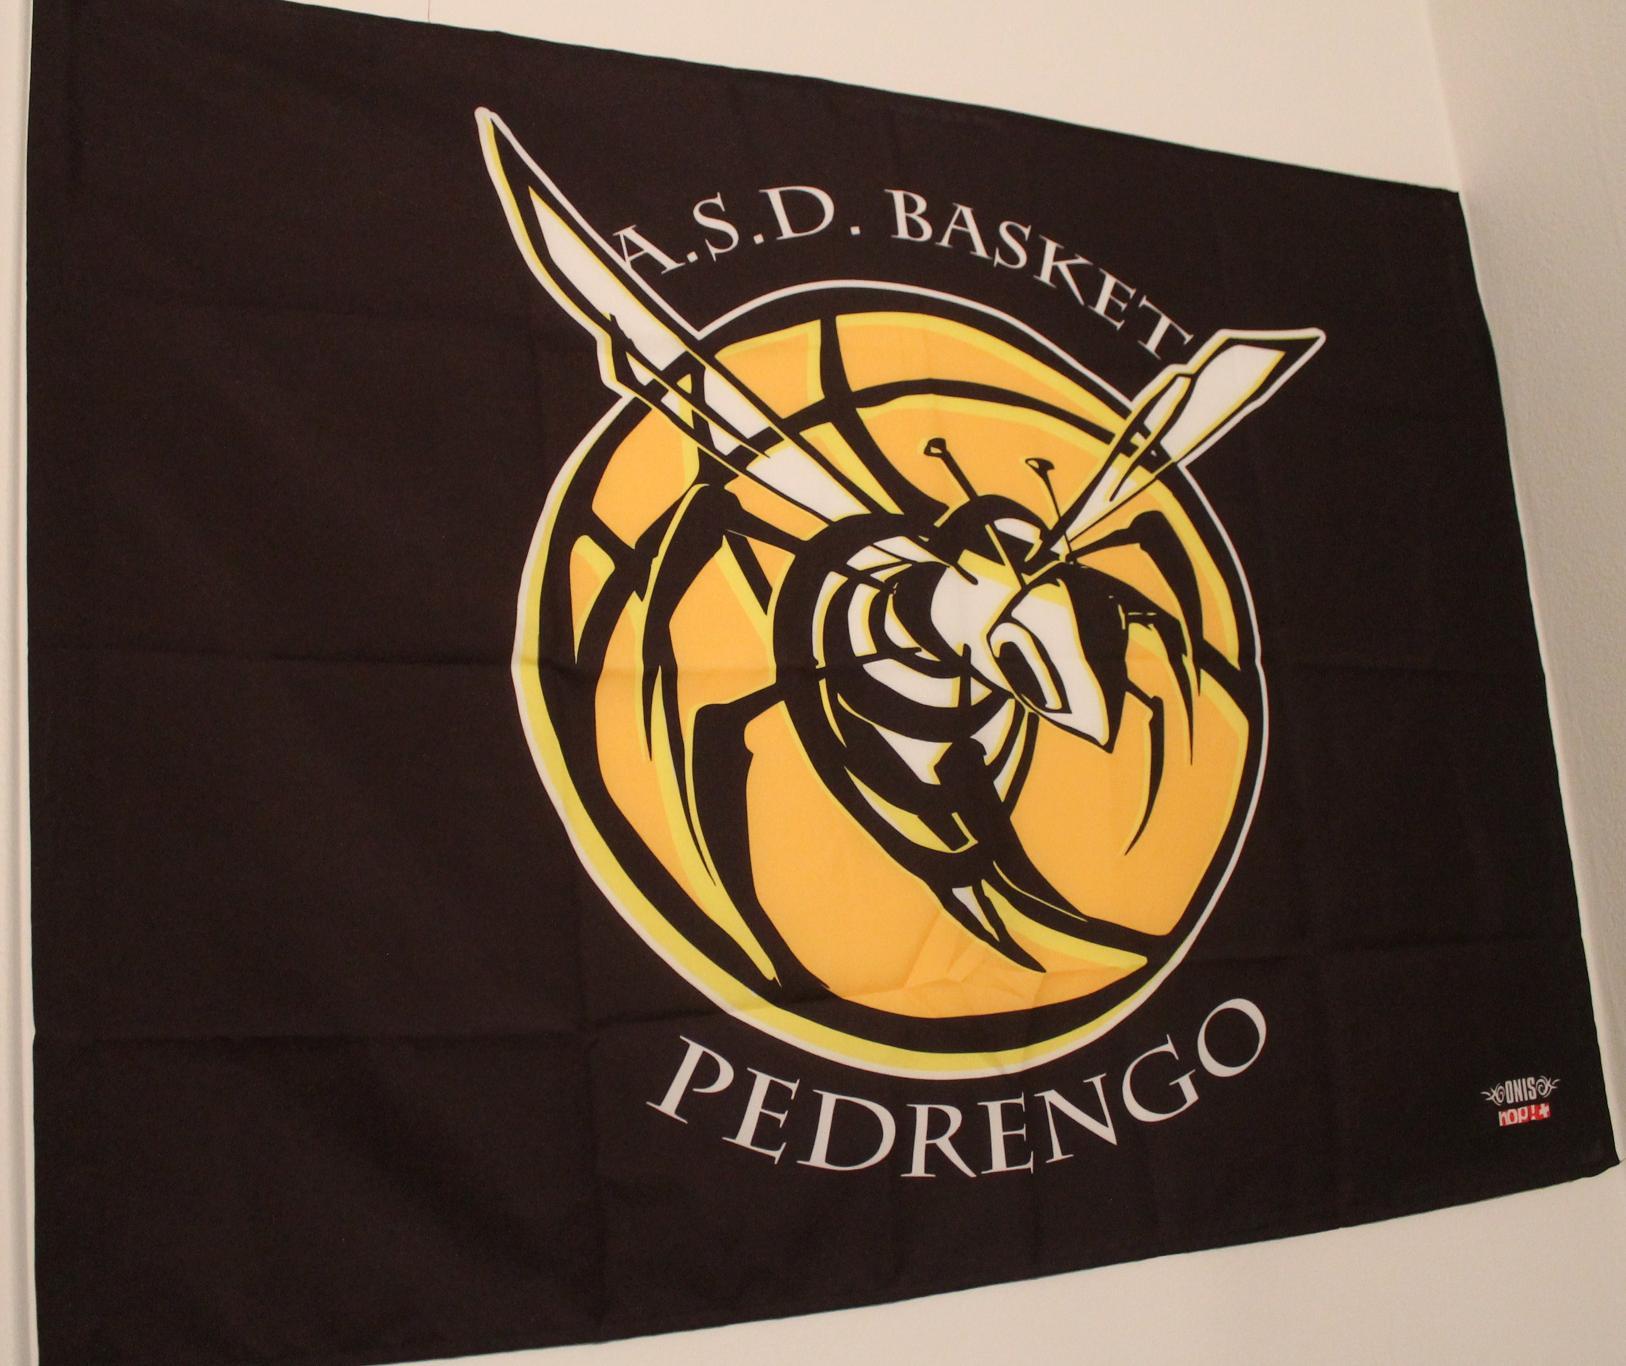 2016-17 Merchandising bandiera